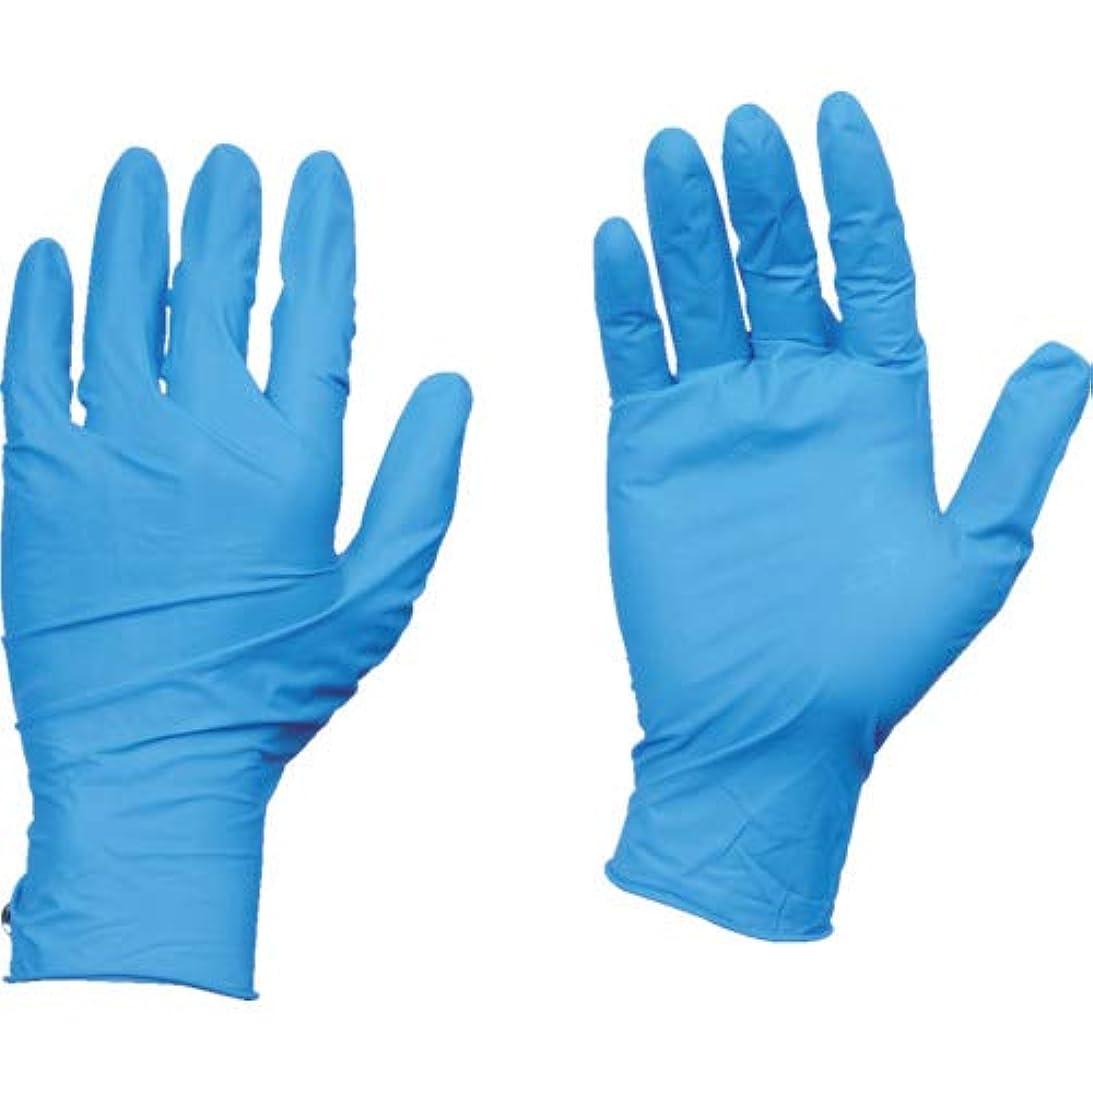 モンゴメリー濃度学者TRUSCO(トラスコ) 10箱入り 使い捨て天然ゴム手袋TGワーク 0.10 粉付青L TGPL10BL10C